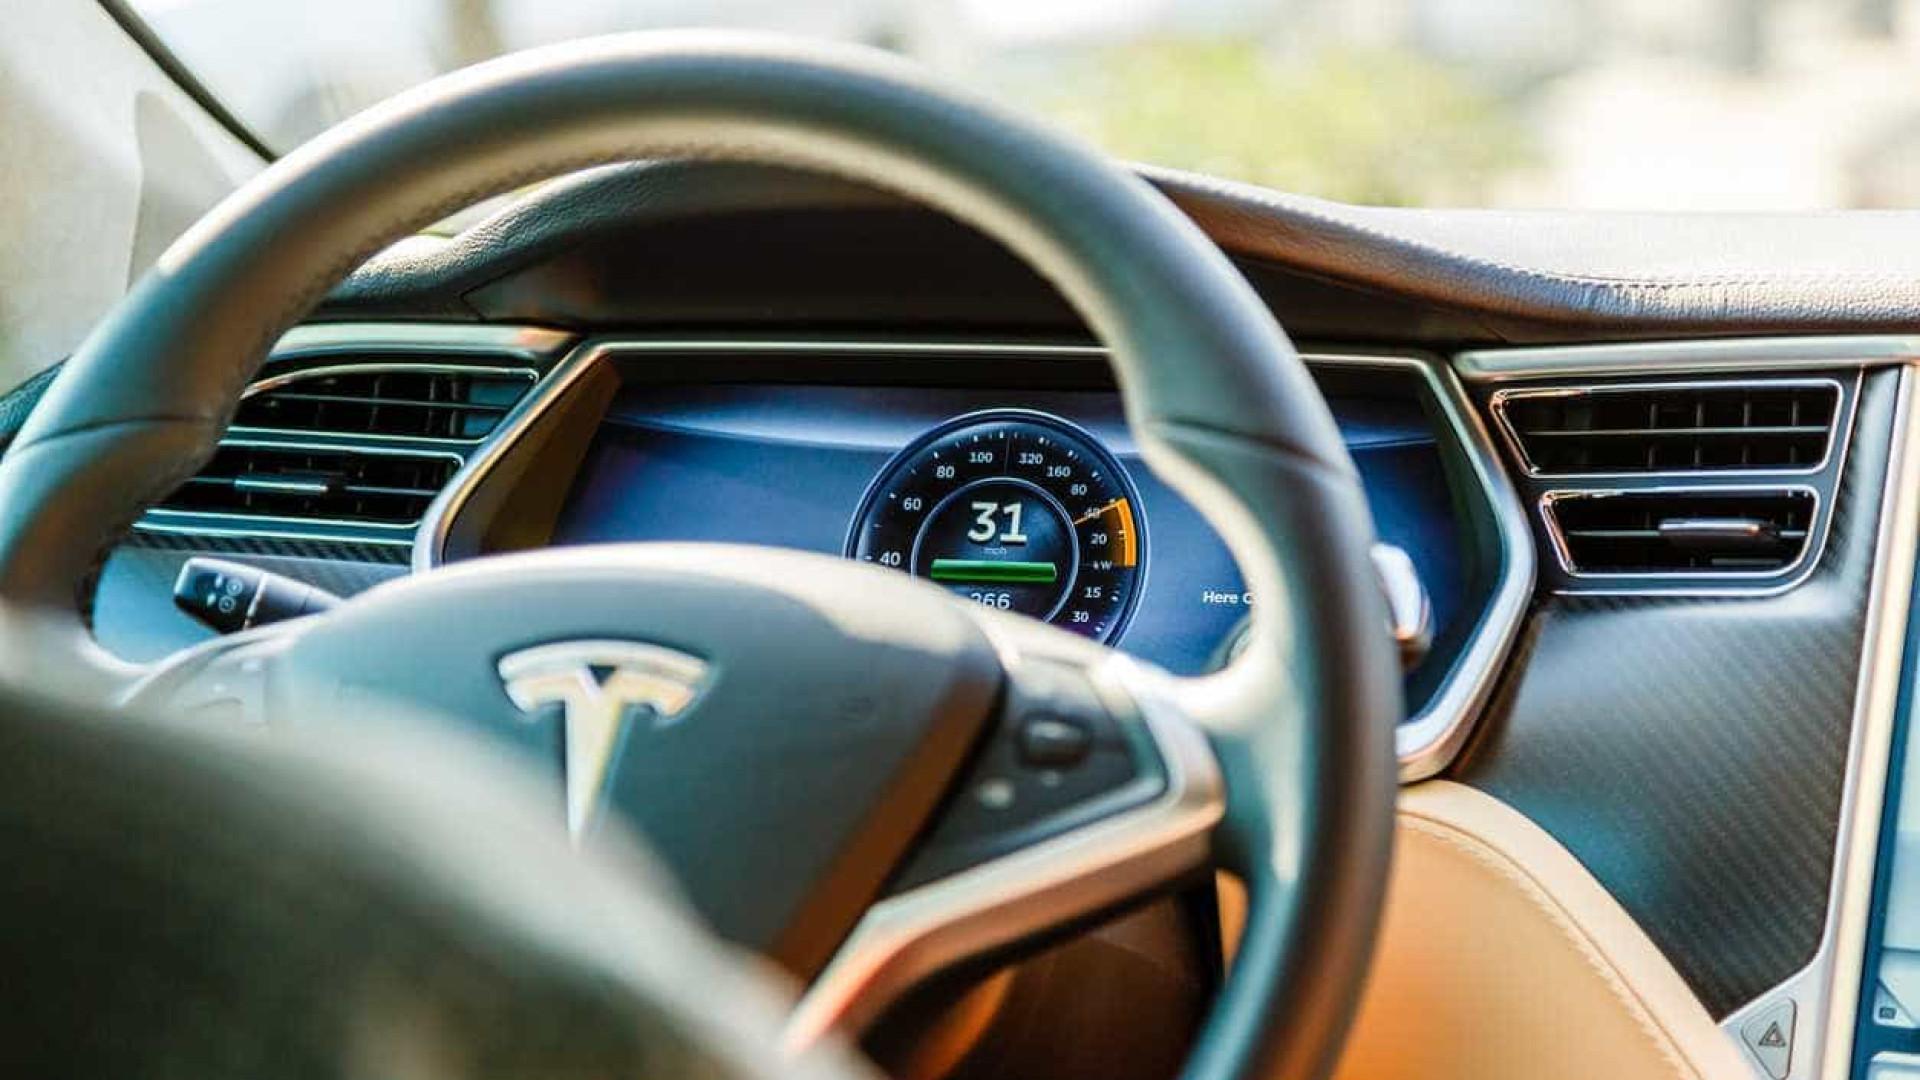 Administrador da Tesla ausenta-se devido a alegações de conduta imprópria